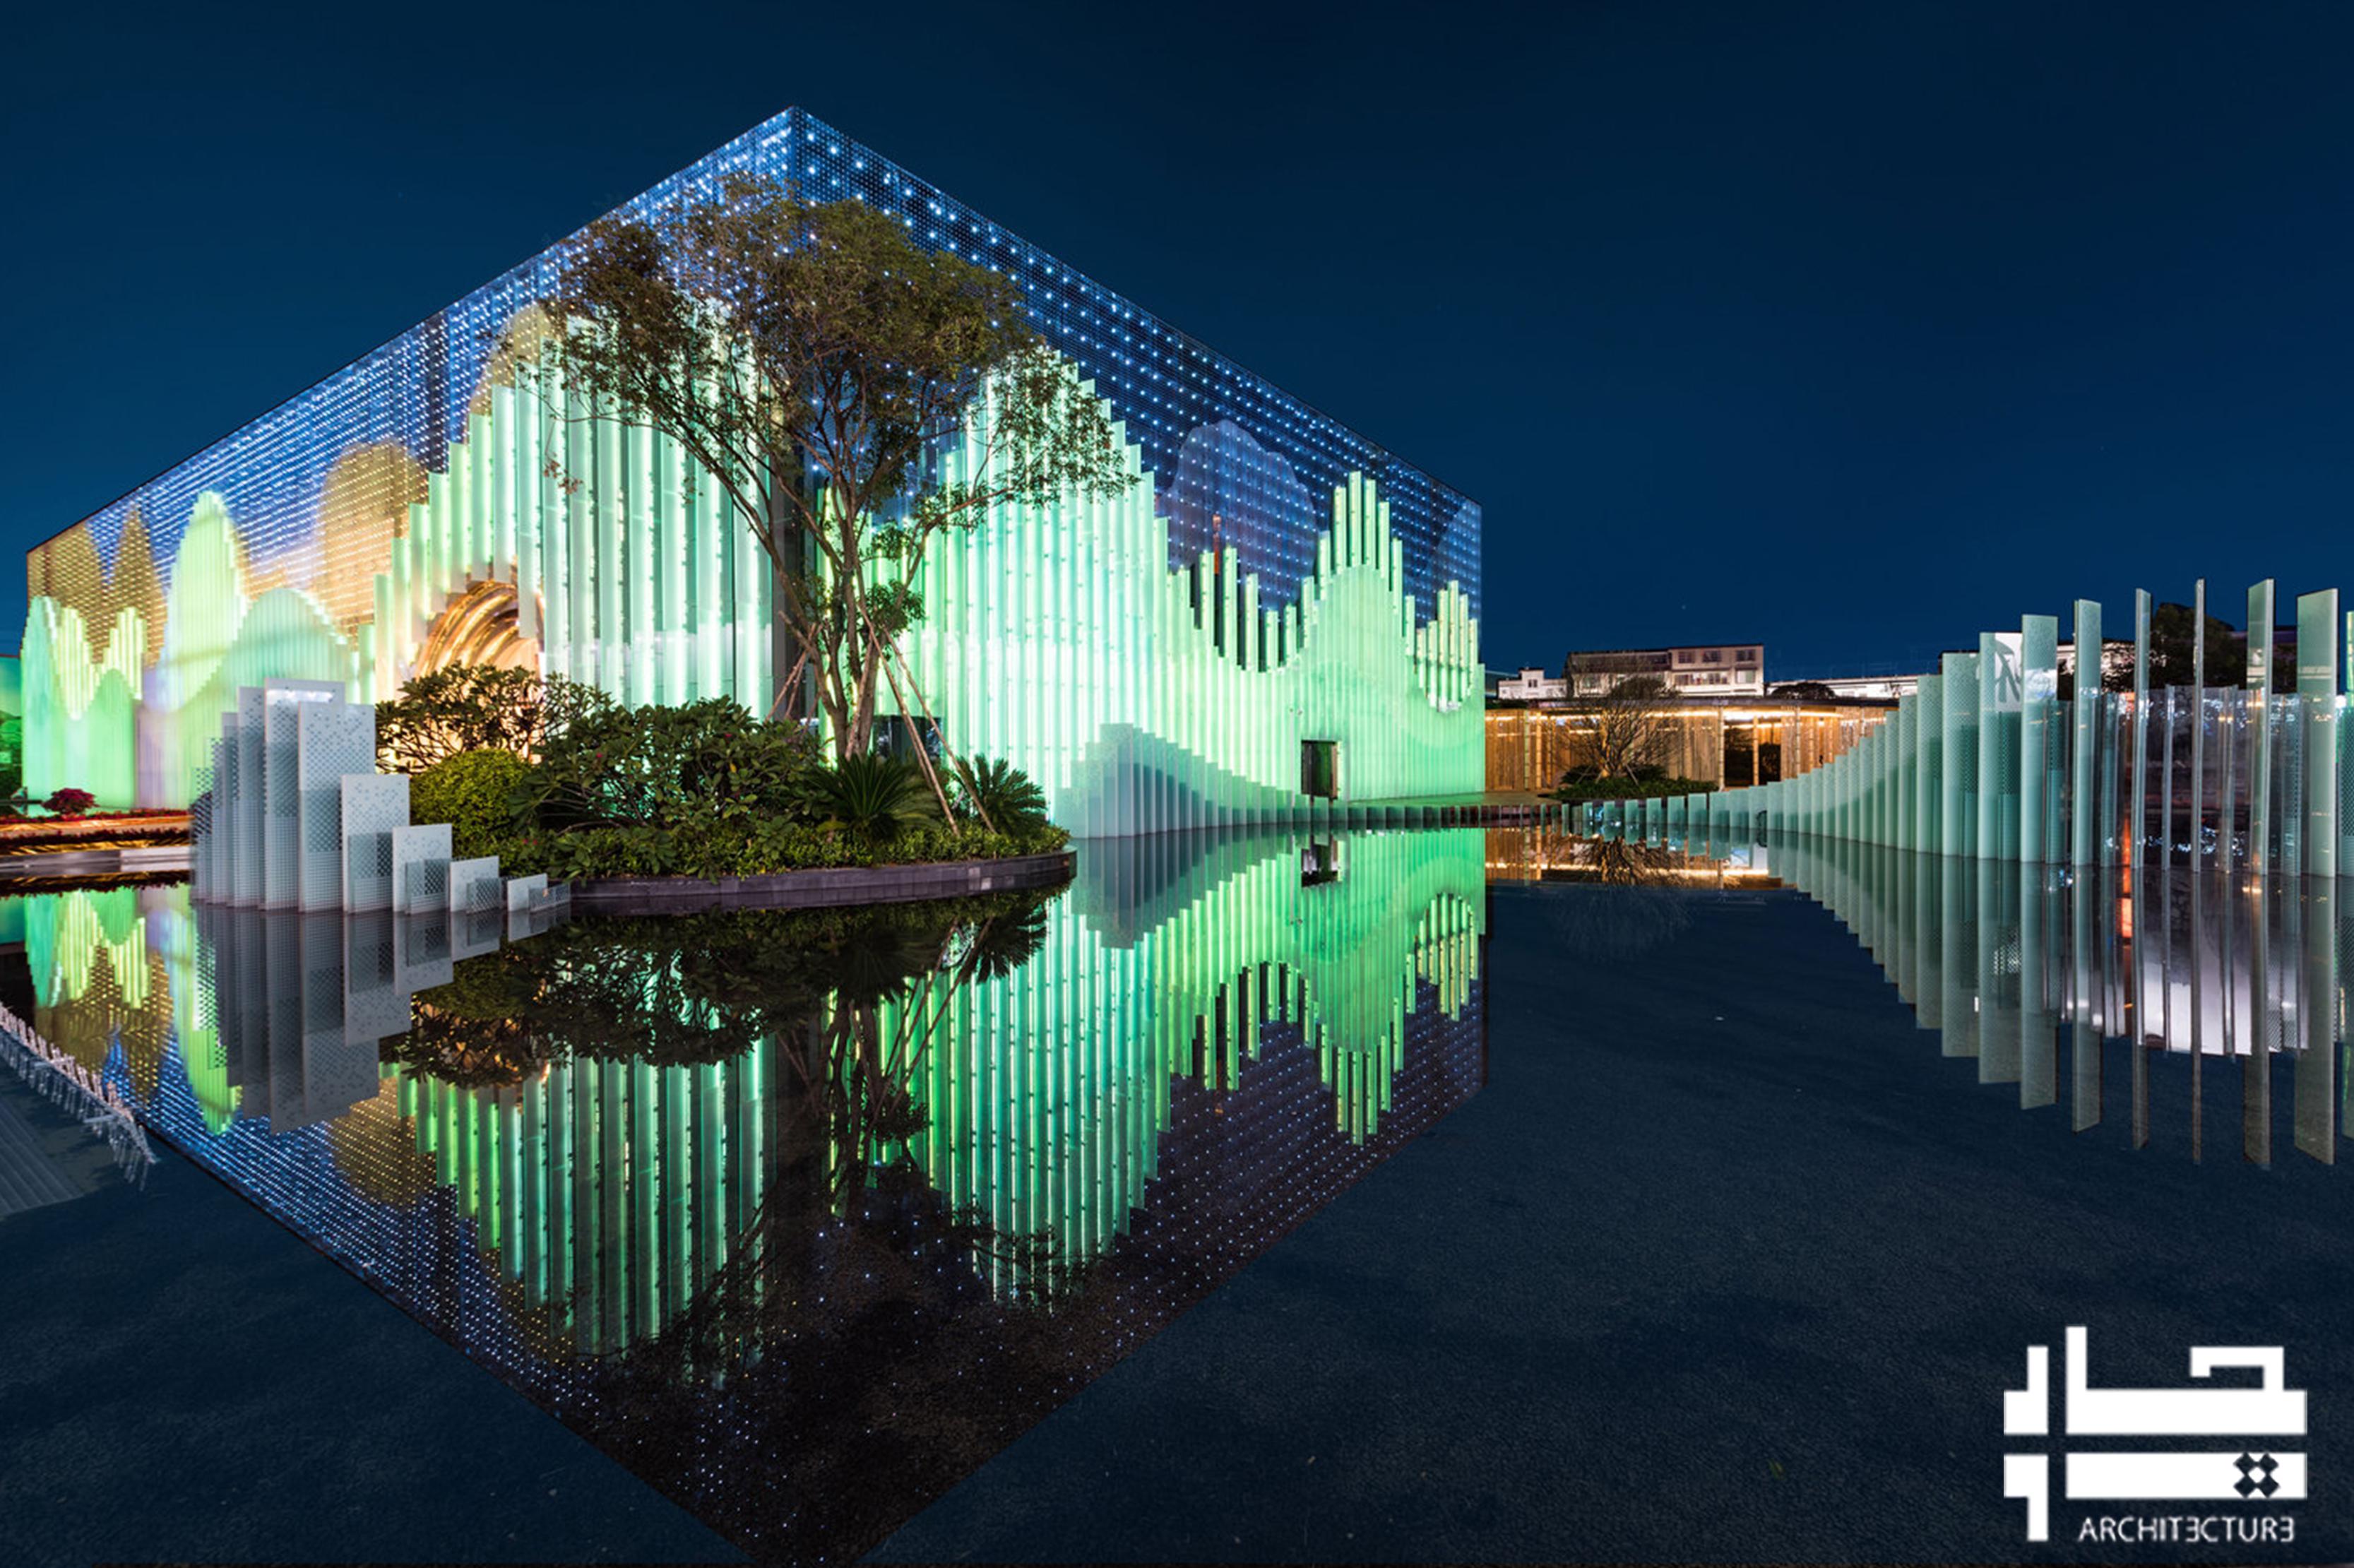 مرکز فرهنگی گیلین وندا